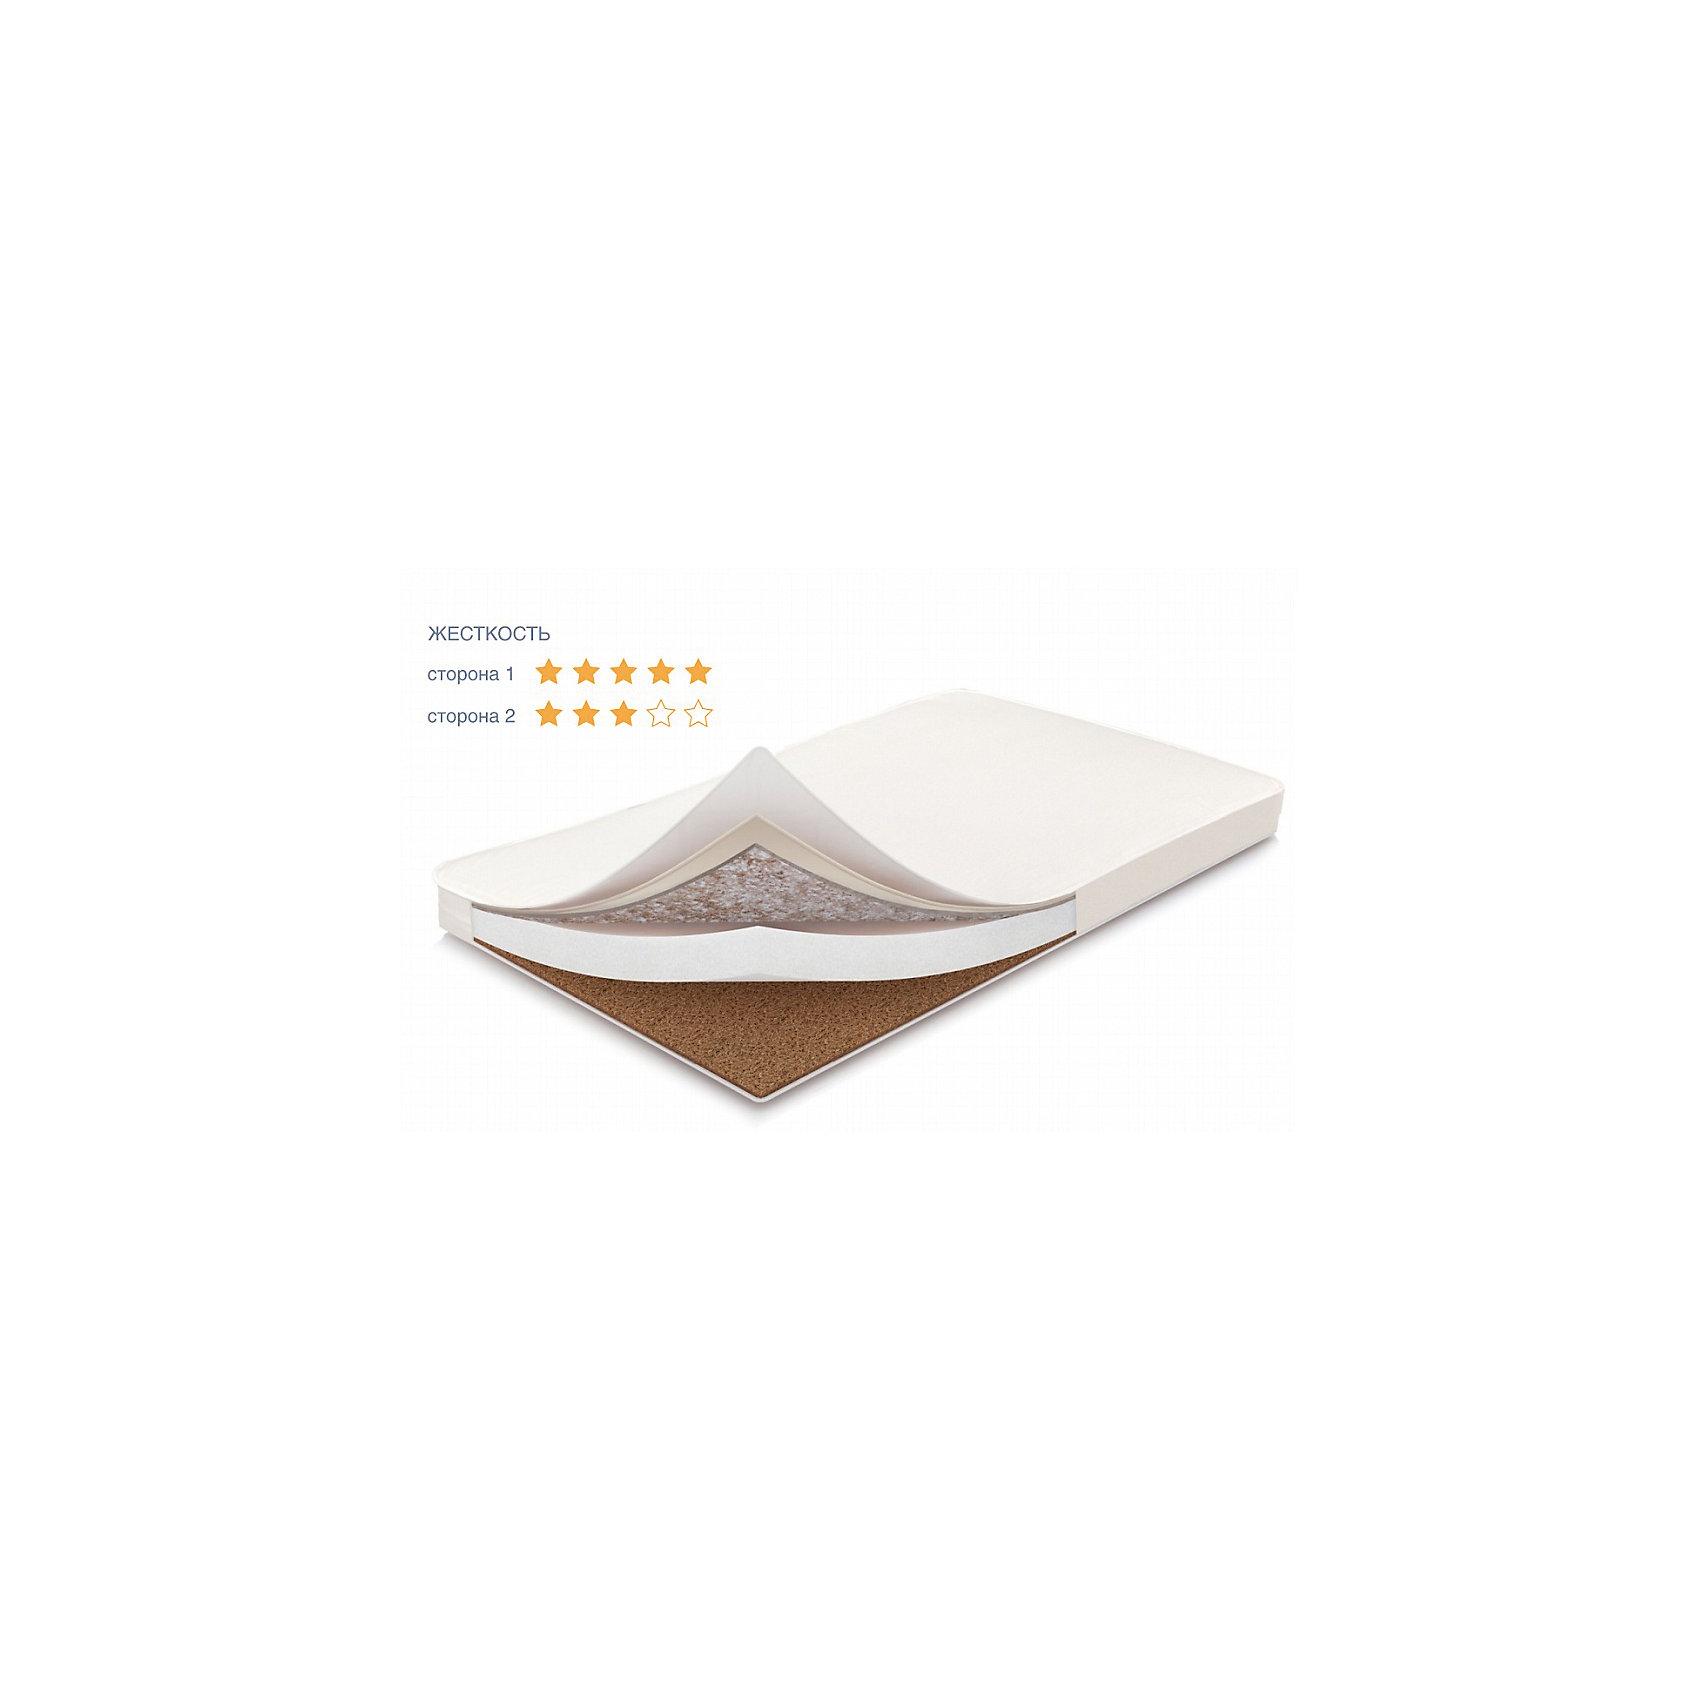 Матрас Волшебные сны Зебра 119х60х12, бязь, ФеяМатрасы<br>Верхний слой- латексированная кокосовая плита (койра) толщиной 1 см.(подходит для новорожденных).<br>Второй слой- структофайбер,объемный гипоаллергенный материал из полиэфирных волокон, толщиной 8 см..<br>Третий слой- латексированная кокосовая плита (койра),толщиной 1 см..<br>Четвертый слой- натуральный перфорированный латекс толщиной 1 см., эта сторона предназначена для детей более старшего возраста.<br>Многослойная структура матраса делает изделие более эластичным и гарантирует комфорт и правильное развитие ребенка.<br>Съемный чехол из хлопка 100% на молнии с трех сторон.<br><br>Ширина мм: 1190<br>Глубина мм: 590<br>Высота мм: 120<br>Вес г: 2780<br>Возраст от месяцев: 0<br>Возраст до месяцев: 36<br>Пол: Унисекс<br>Возраст: Детский<br>SKU: 5610151